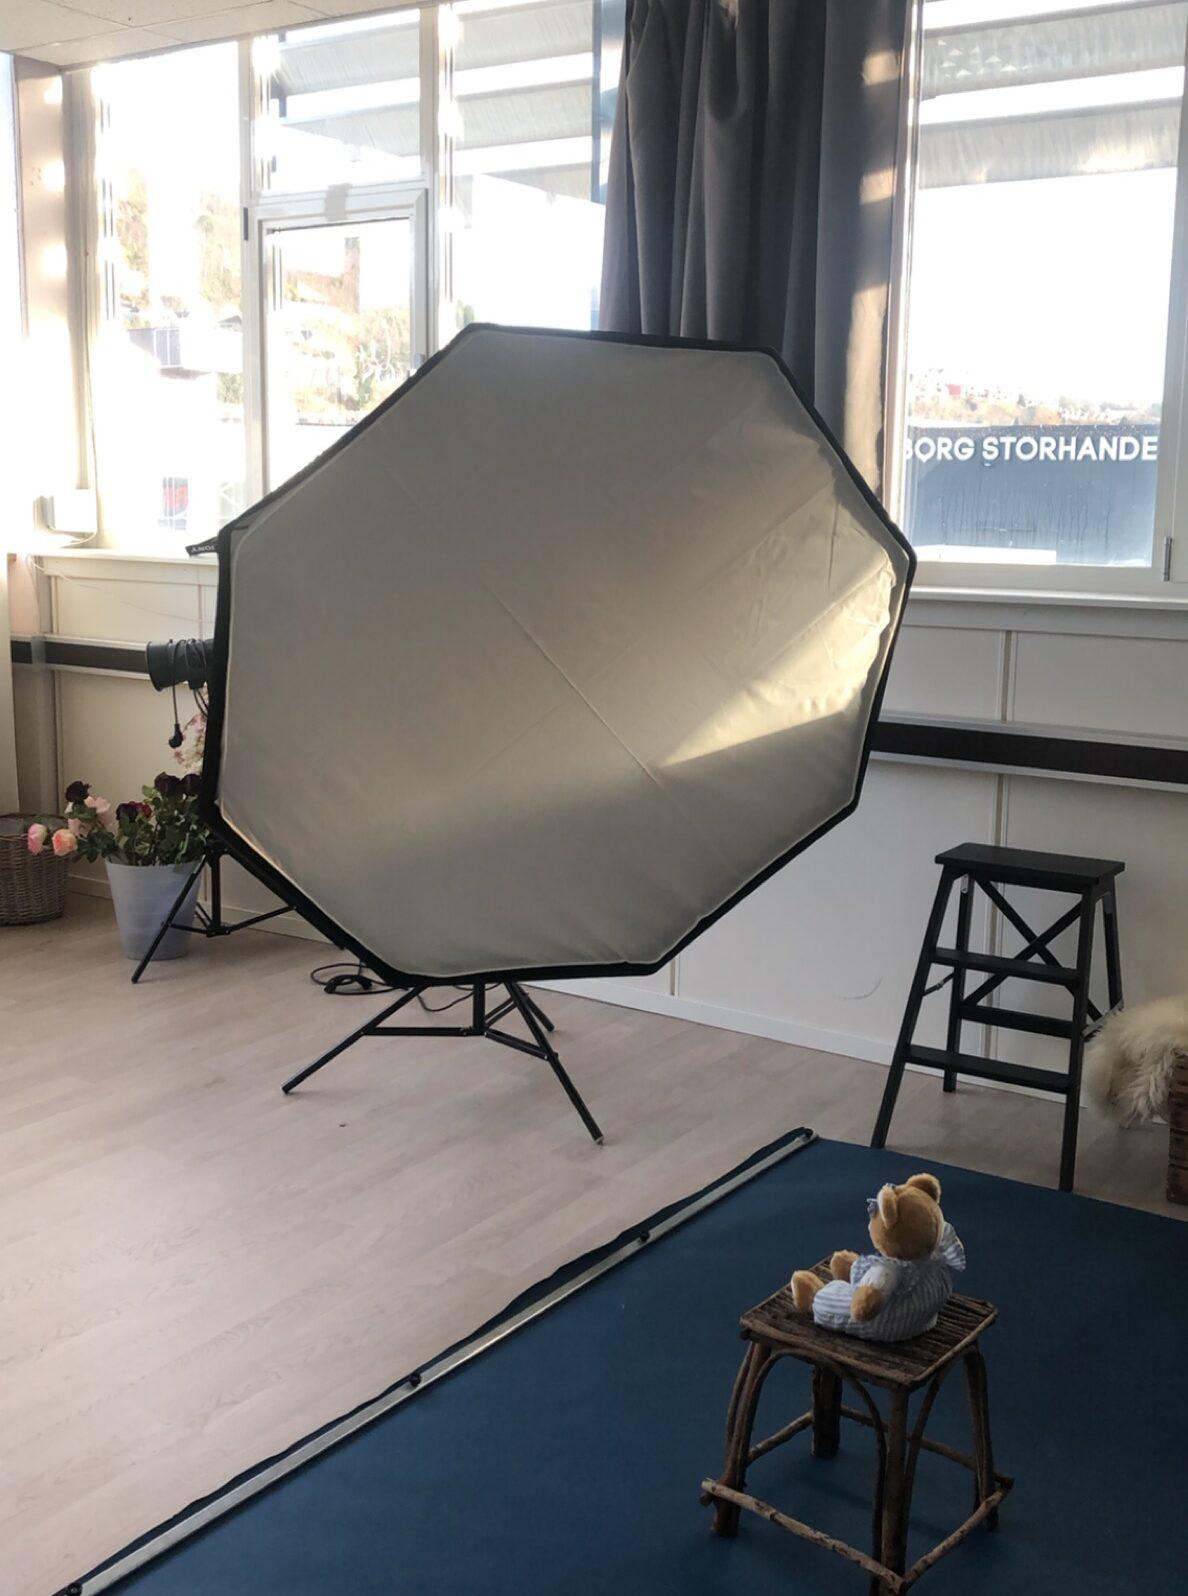 Bilde av en blits og en bamse på et lerret. Viser et av rommene i nytt fotostudio i Åsane.